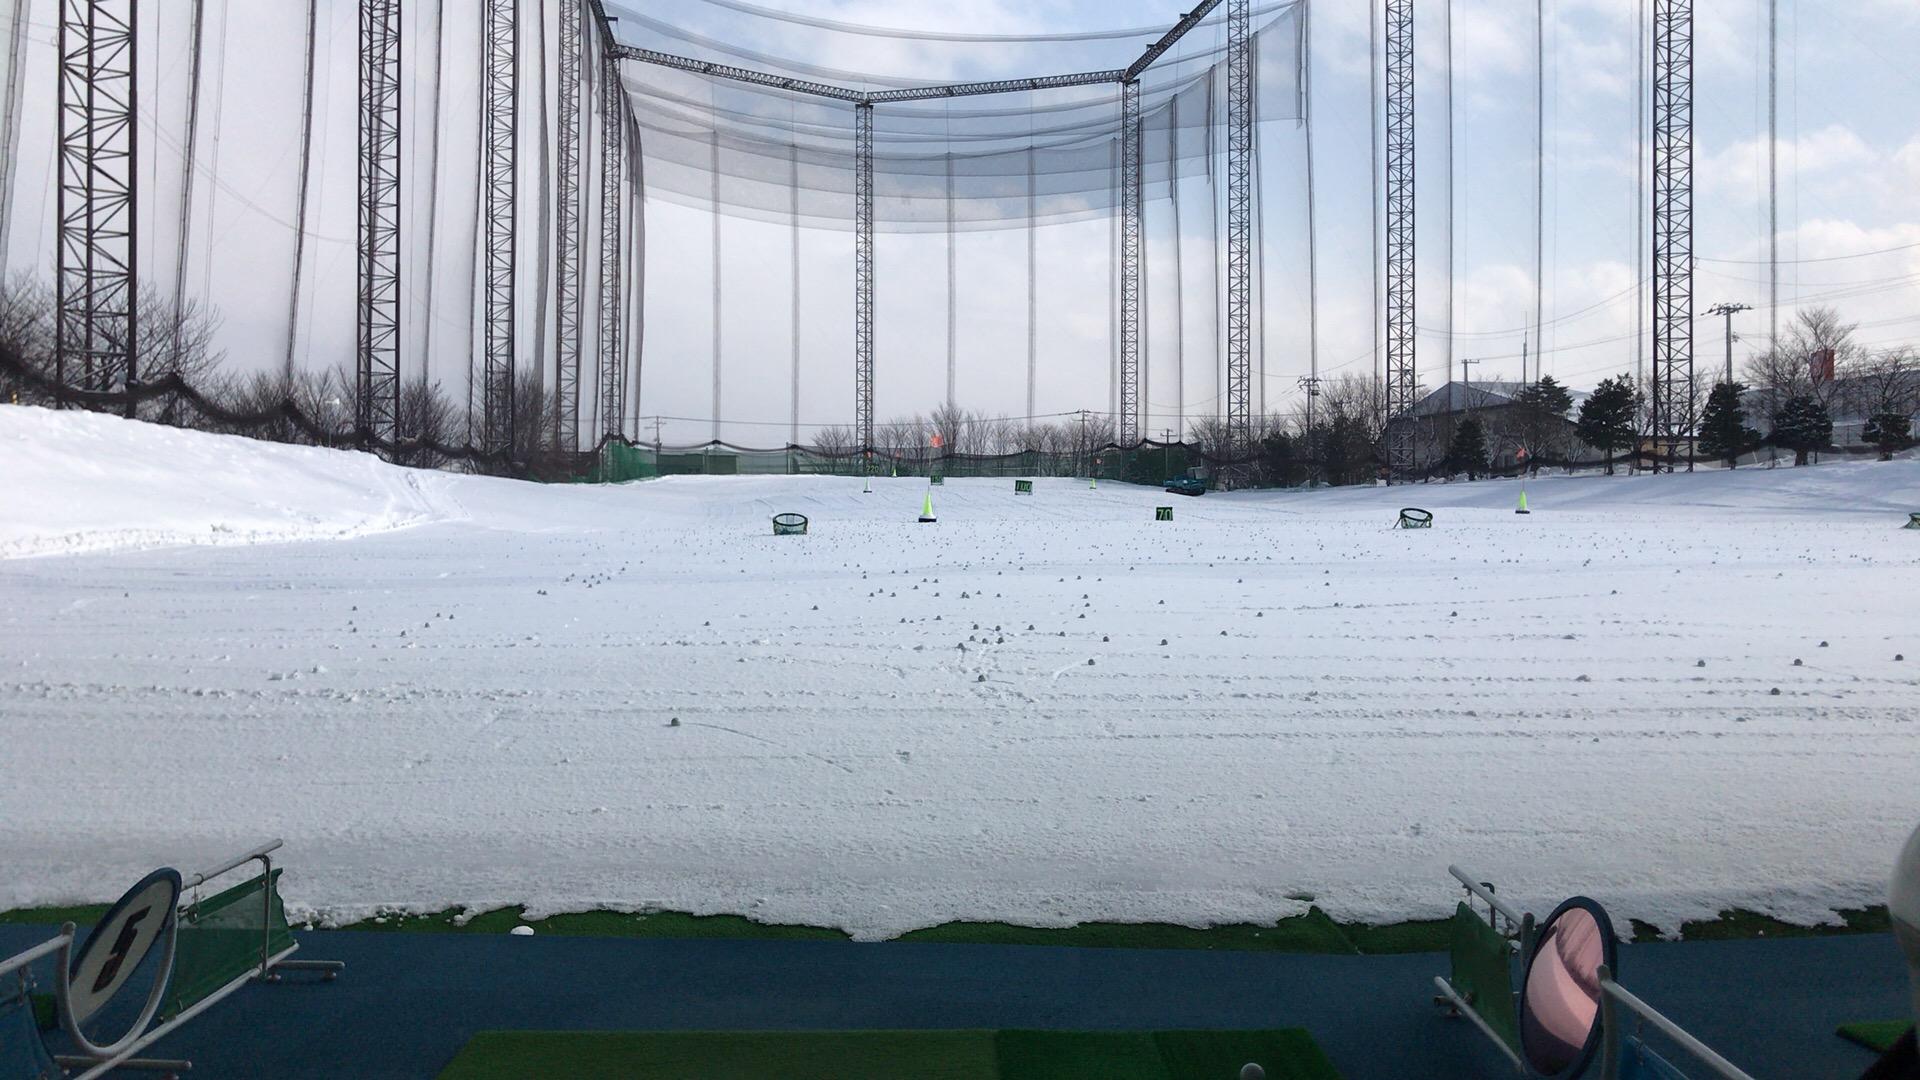 ヒューマンゴルフガーデンで練習会